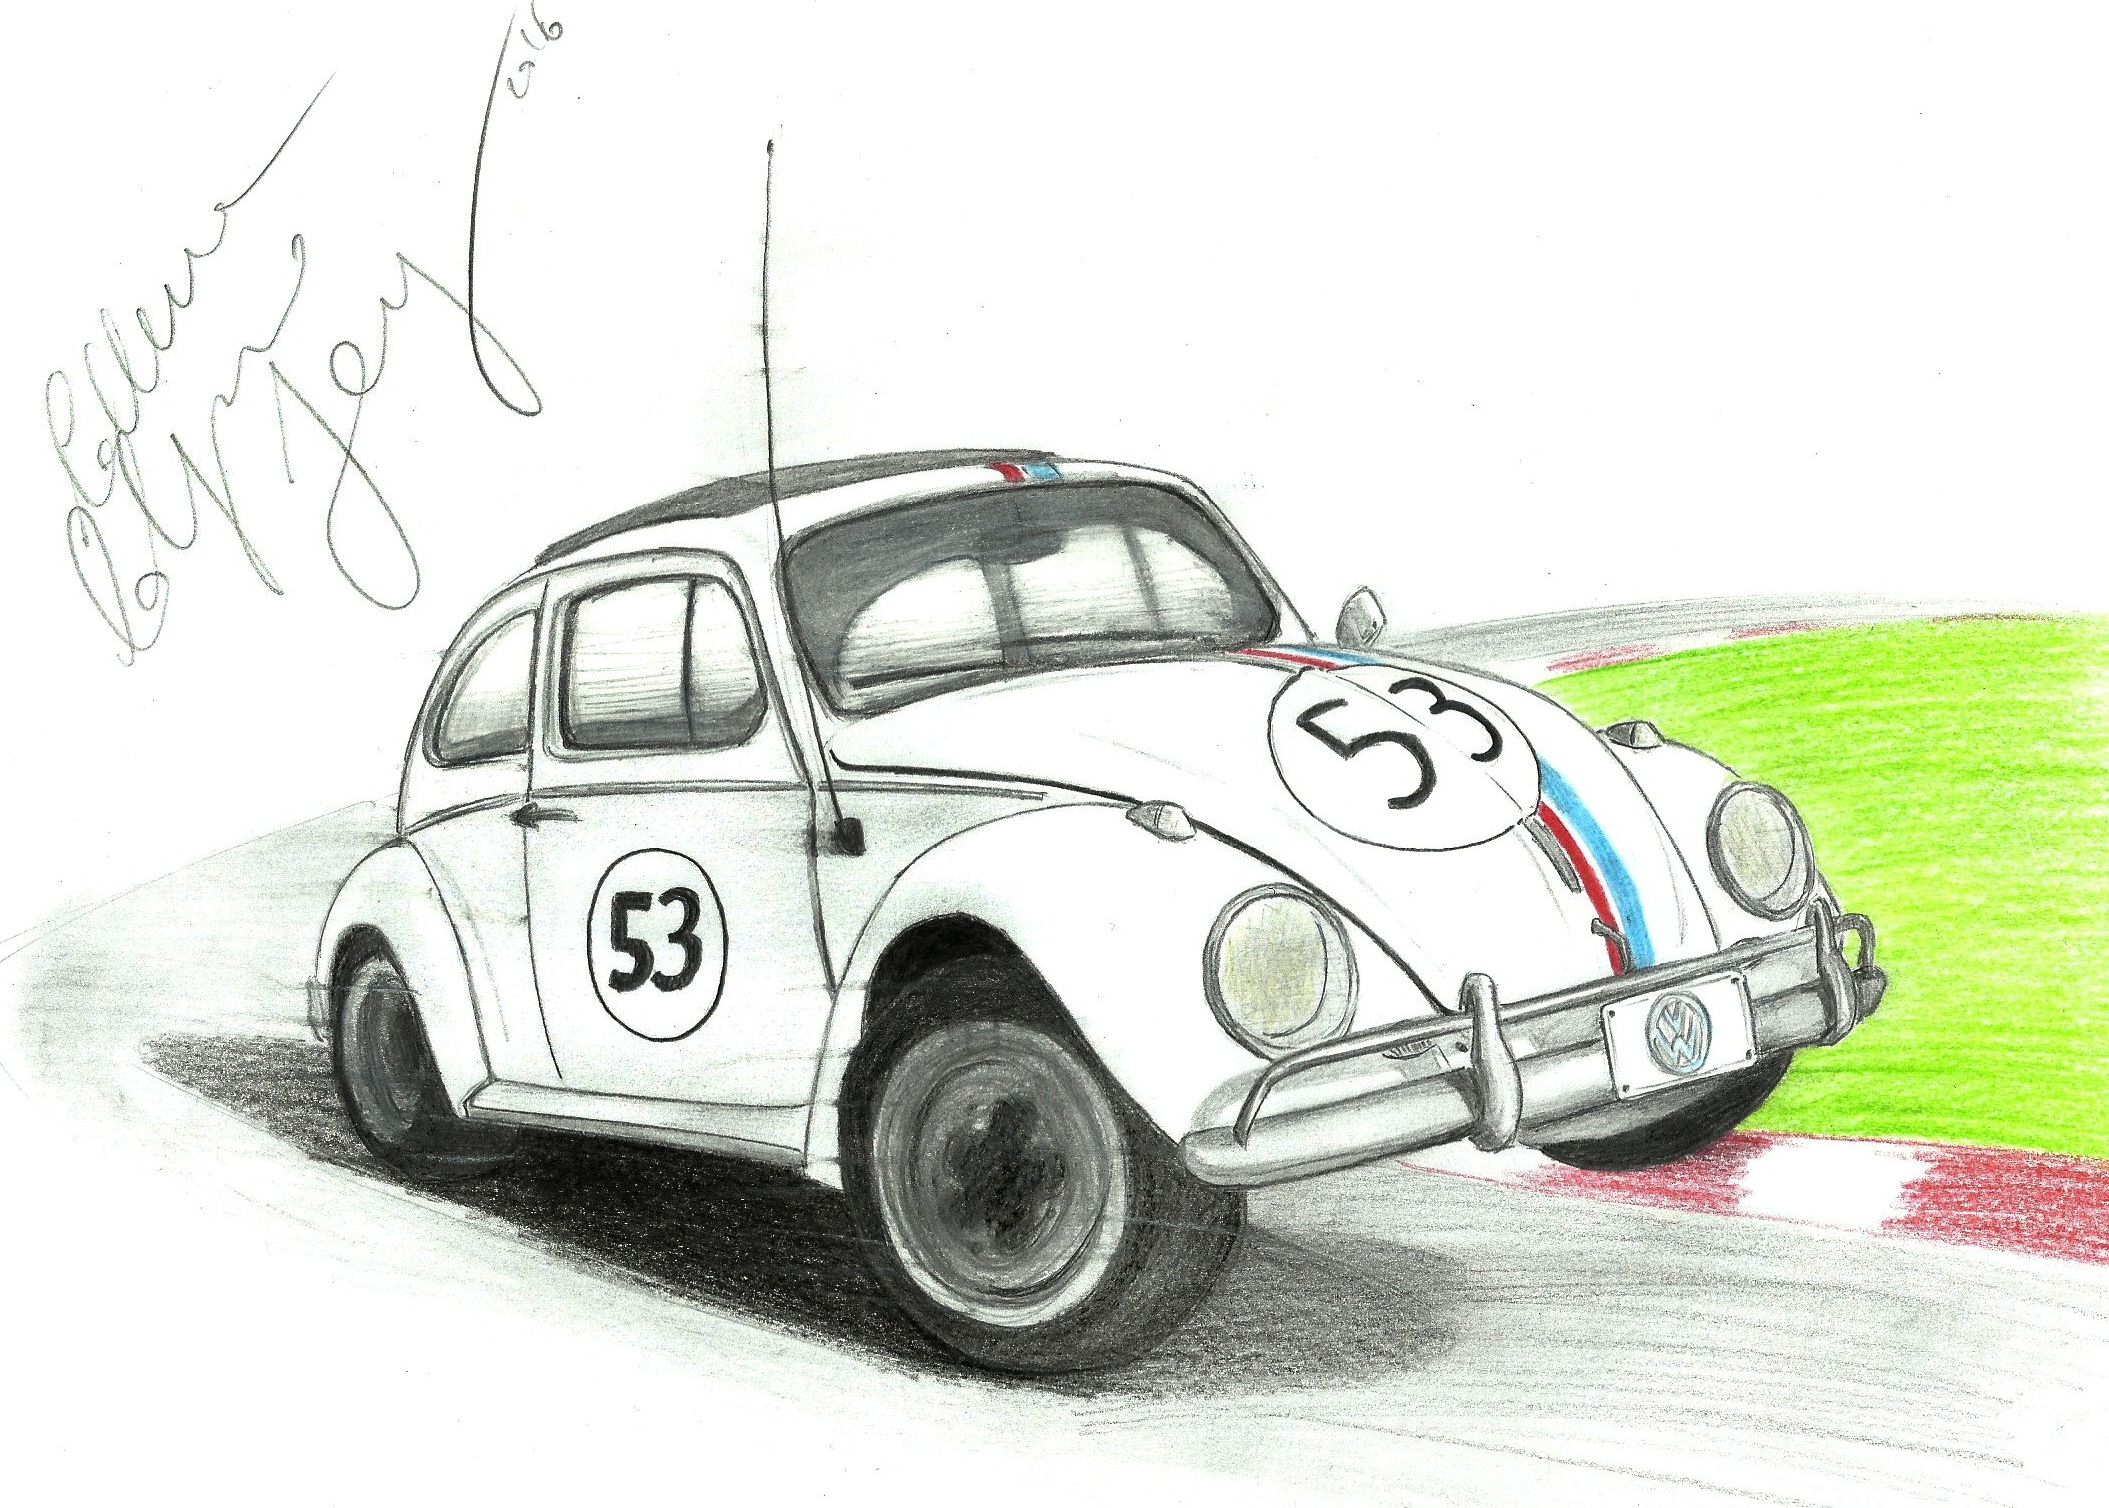 Sketchcar Volkswagen Typ1 Beetle Kafer Coccinelle Escarabajo Bug Fusca Vocho Oldcar Vintagecar Vw Drawing Disegnoamano 53 Herbie Maggi Vw Kafer